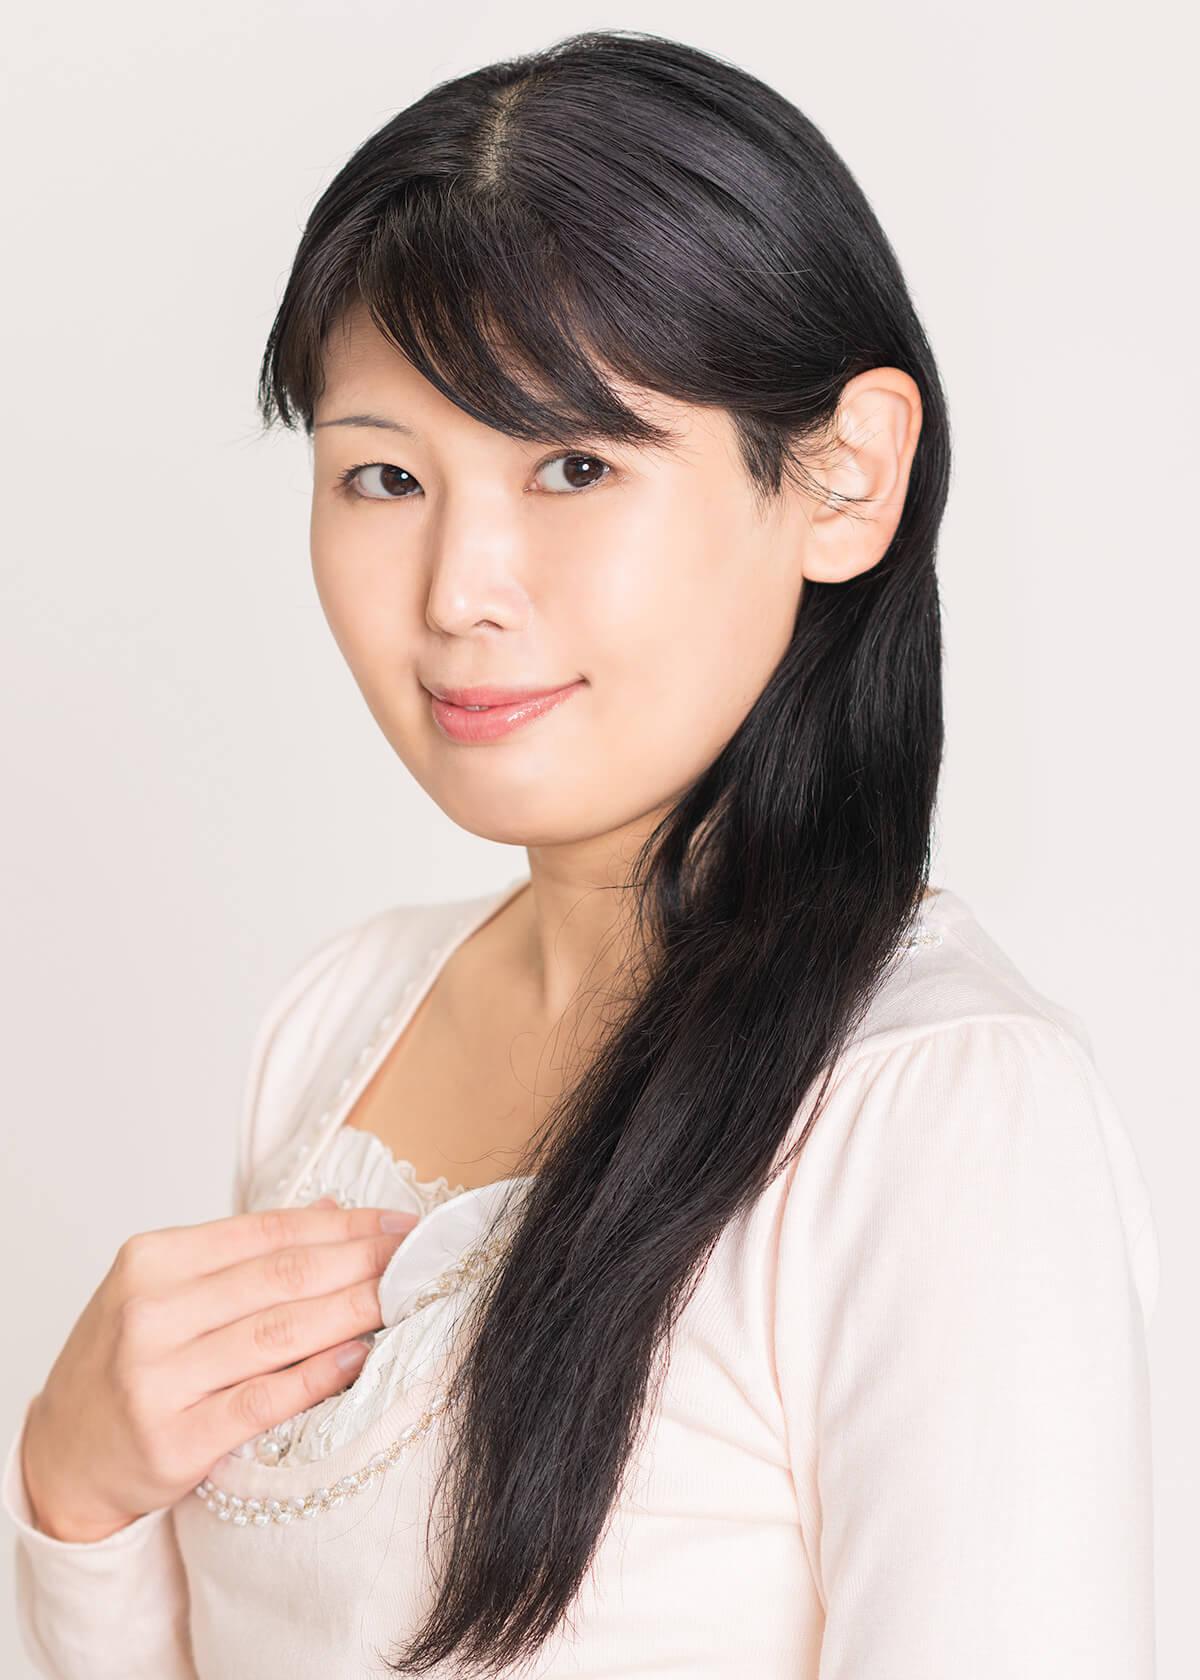 高田 仁美